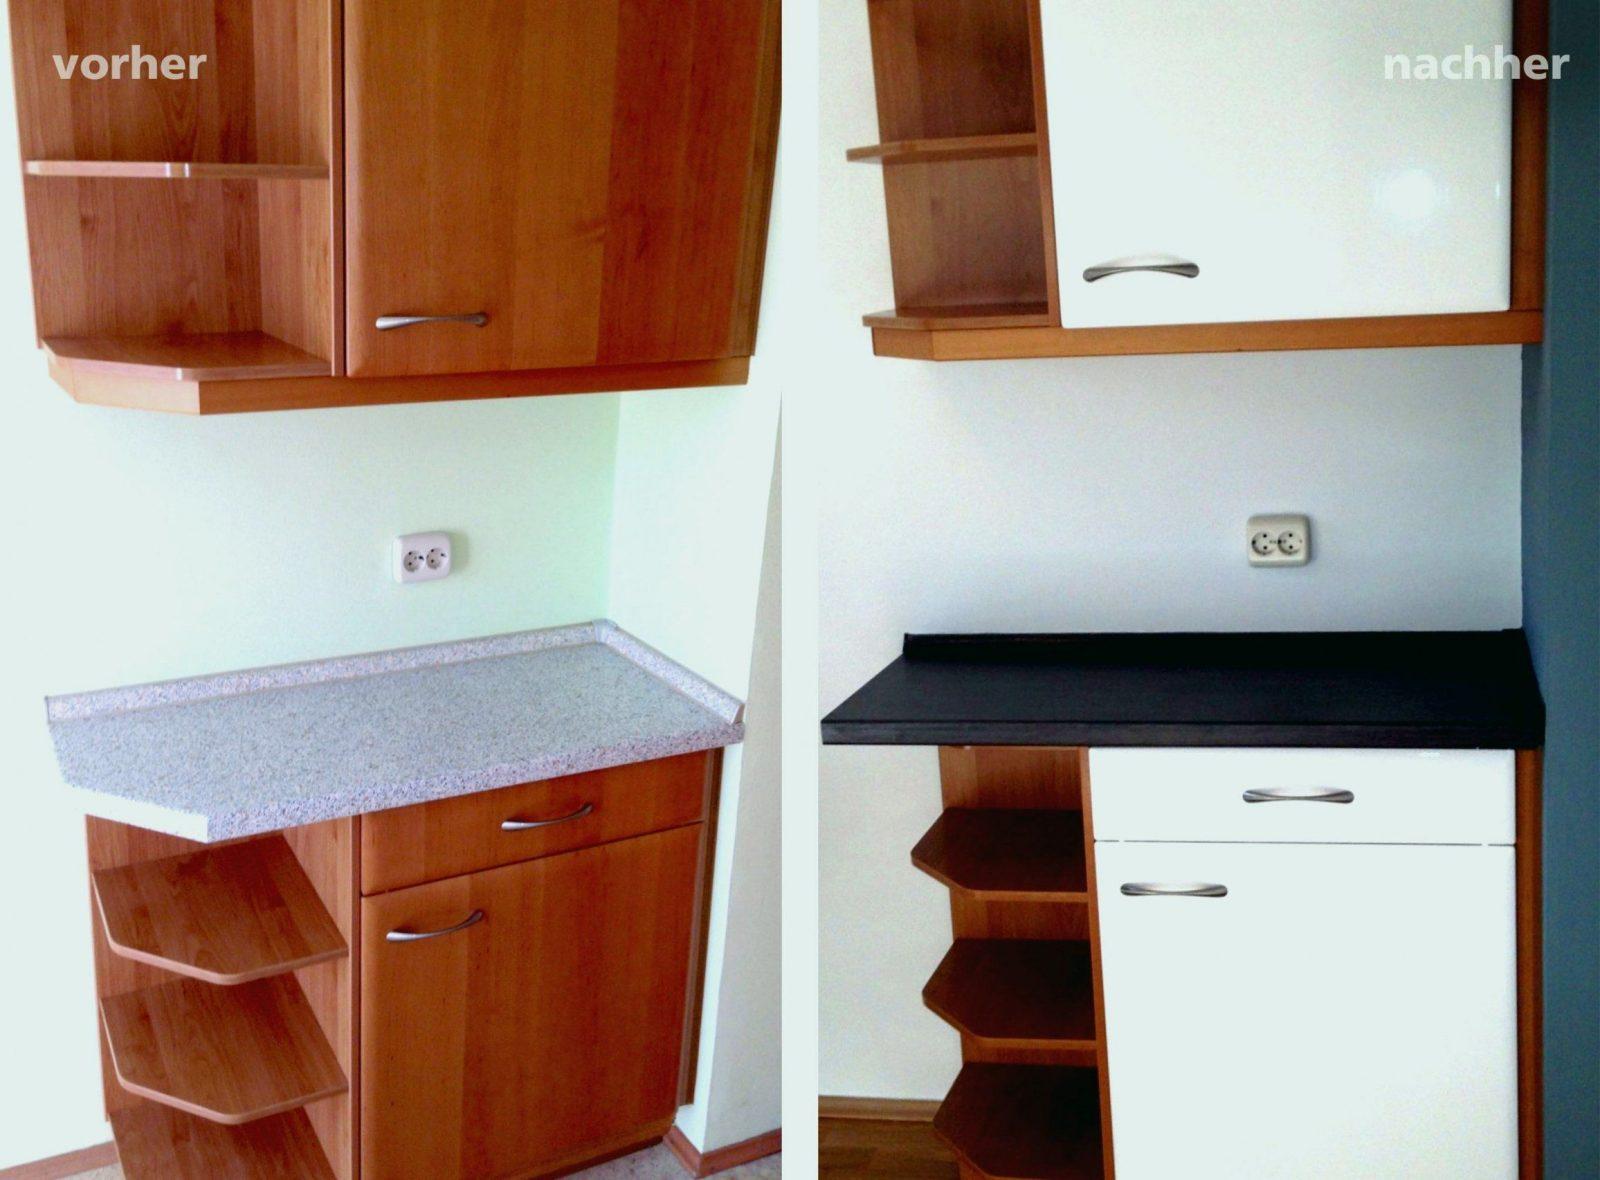 28 Elegant Küche Lackieren Vorher Nachher  Die Besten Hausideen von Küchenfronten Lackieren Vorher Nachher Photo